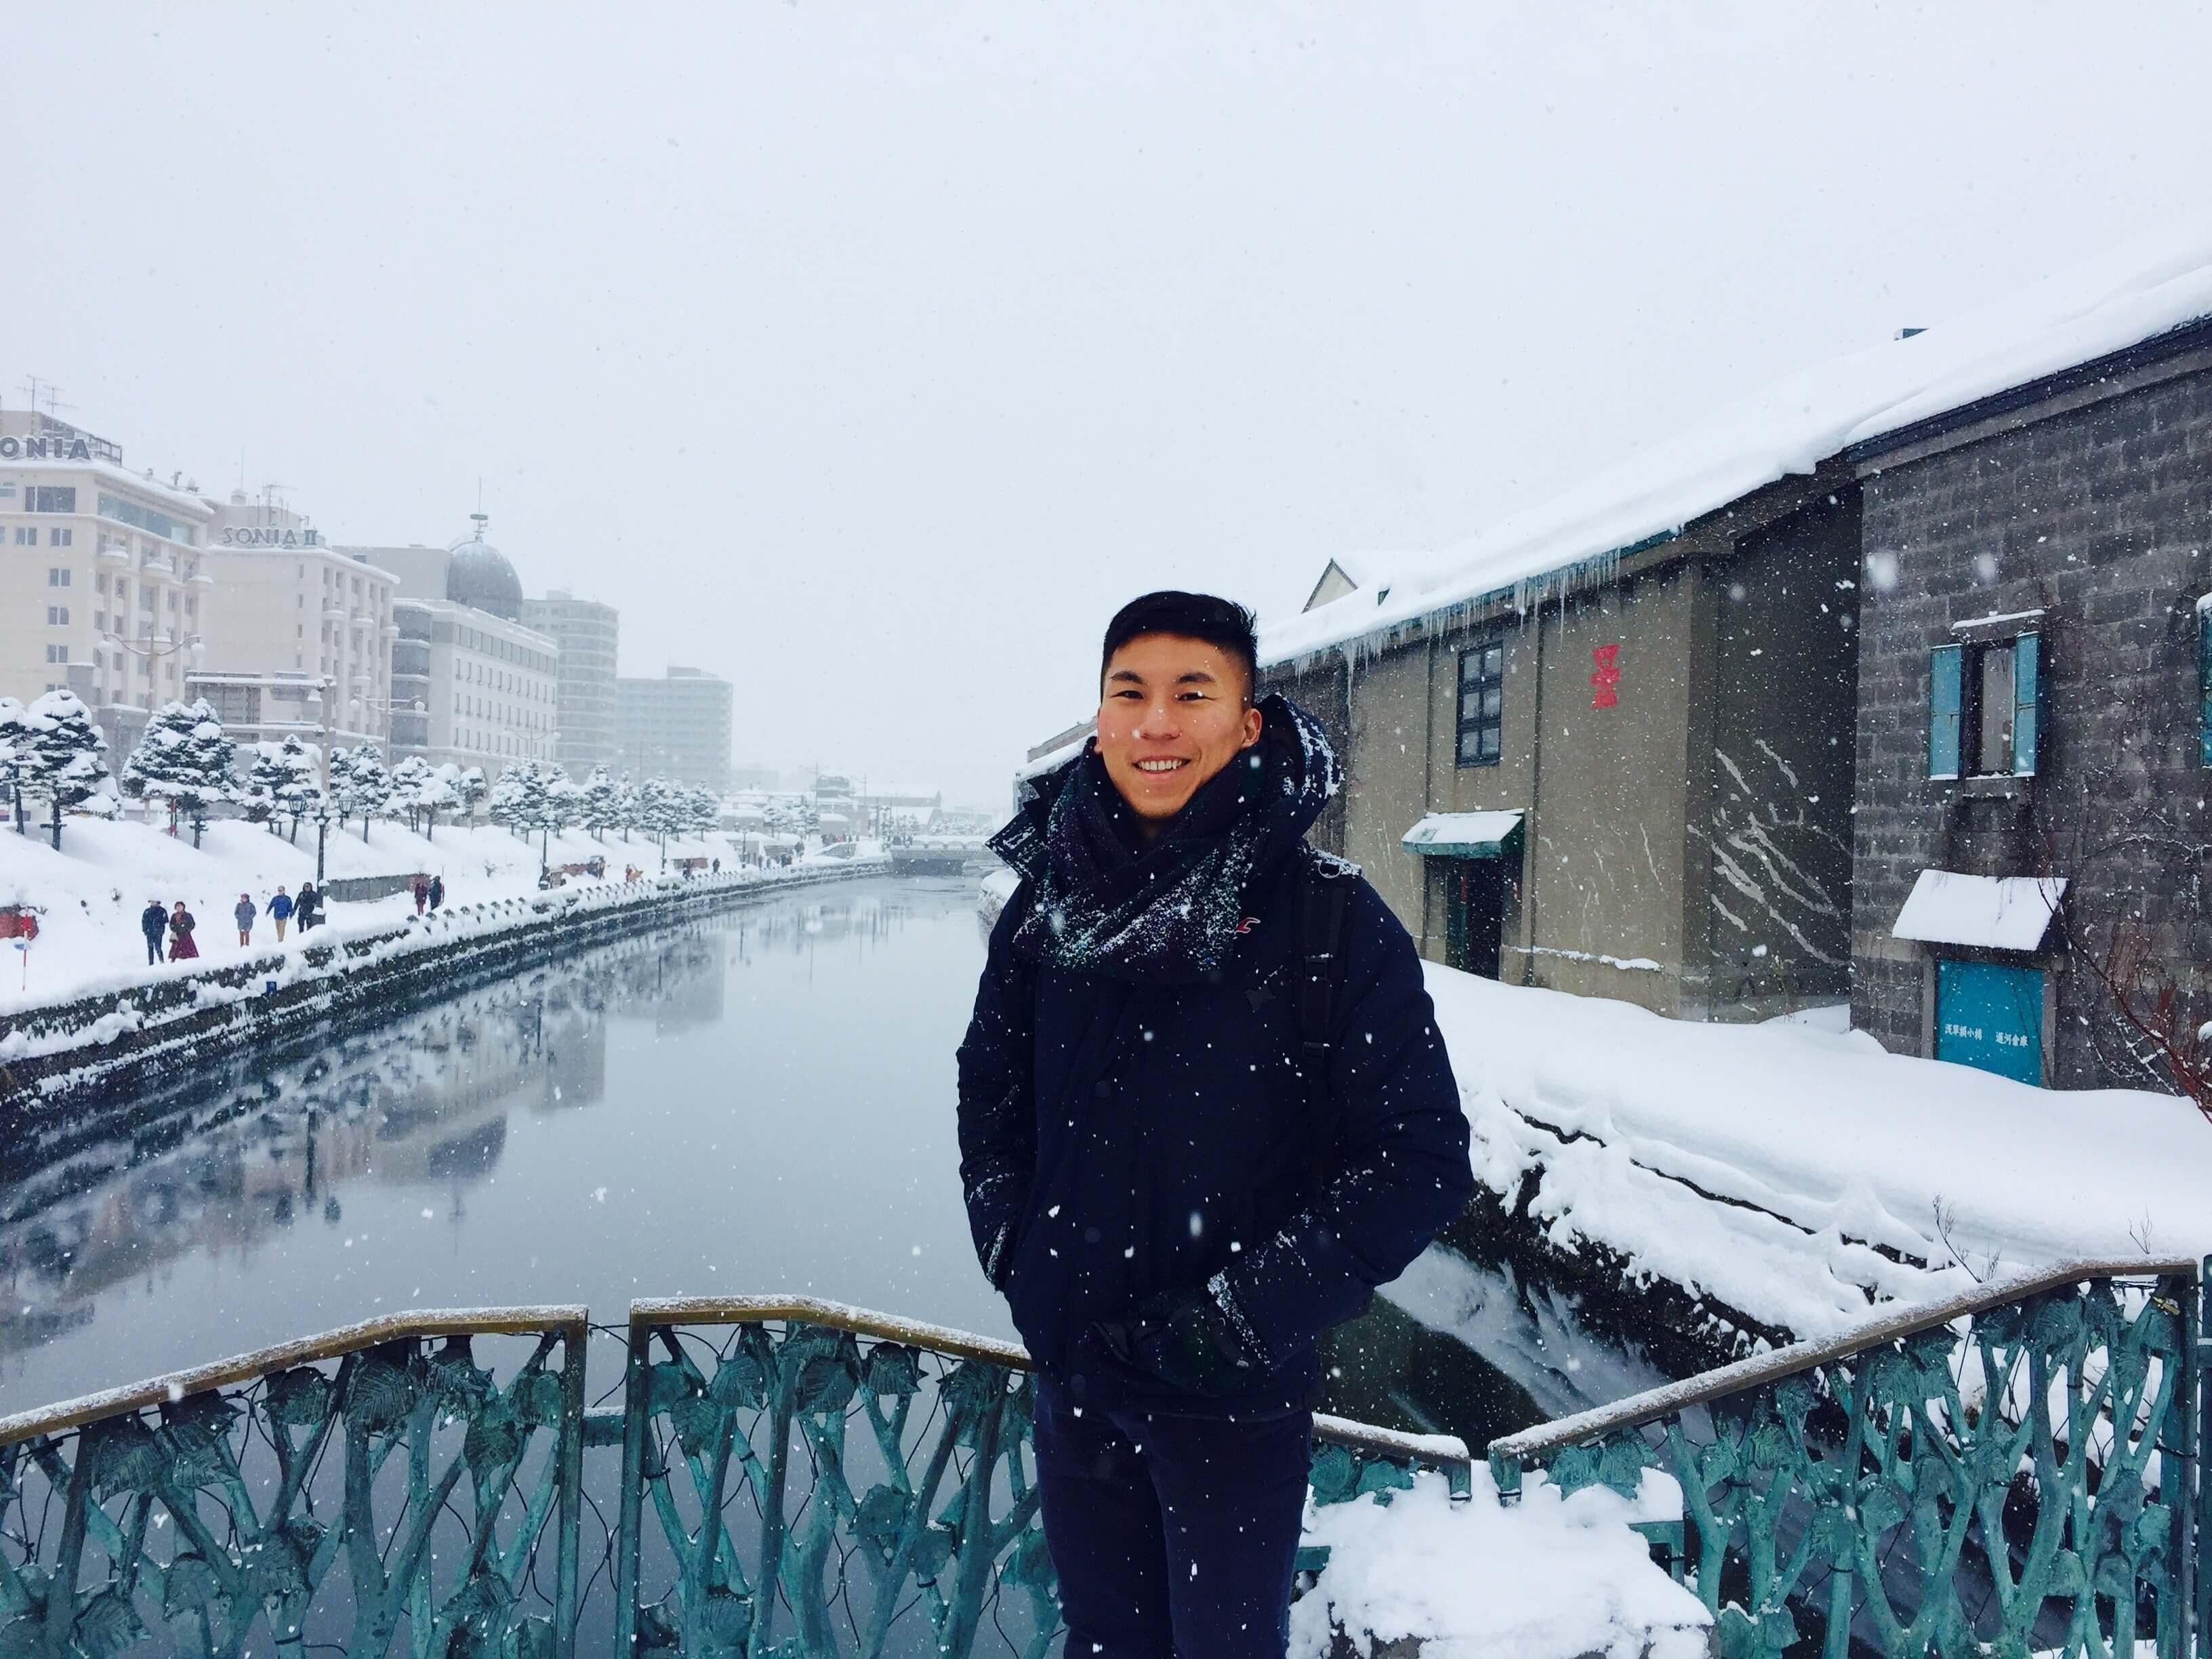 結 凍 的 小 樽 運 河 也 無 法 搭 船 遊 覽